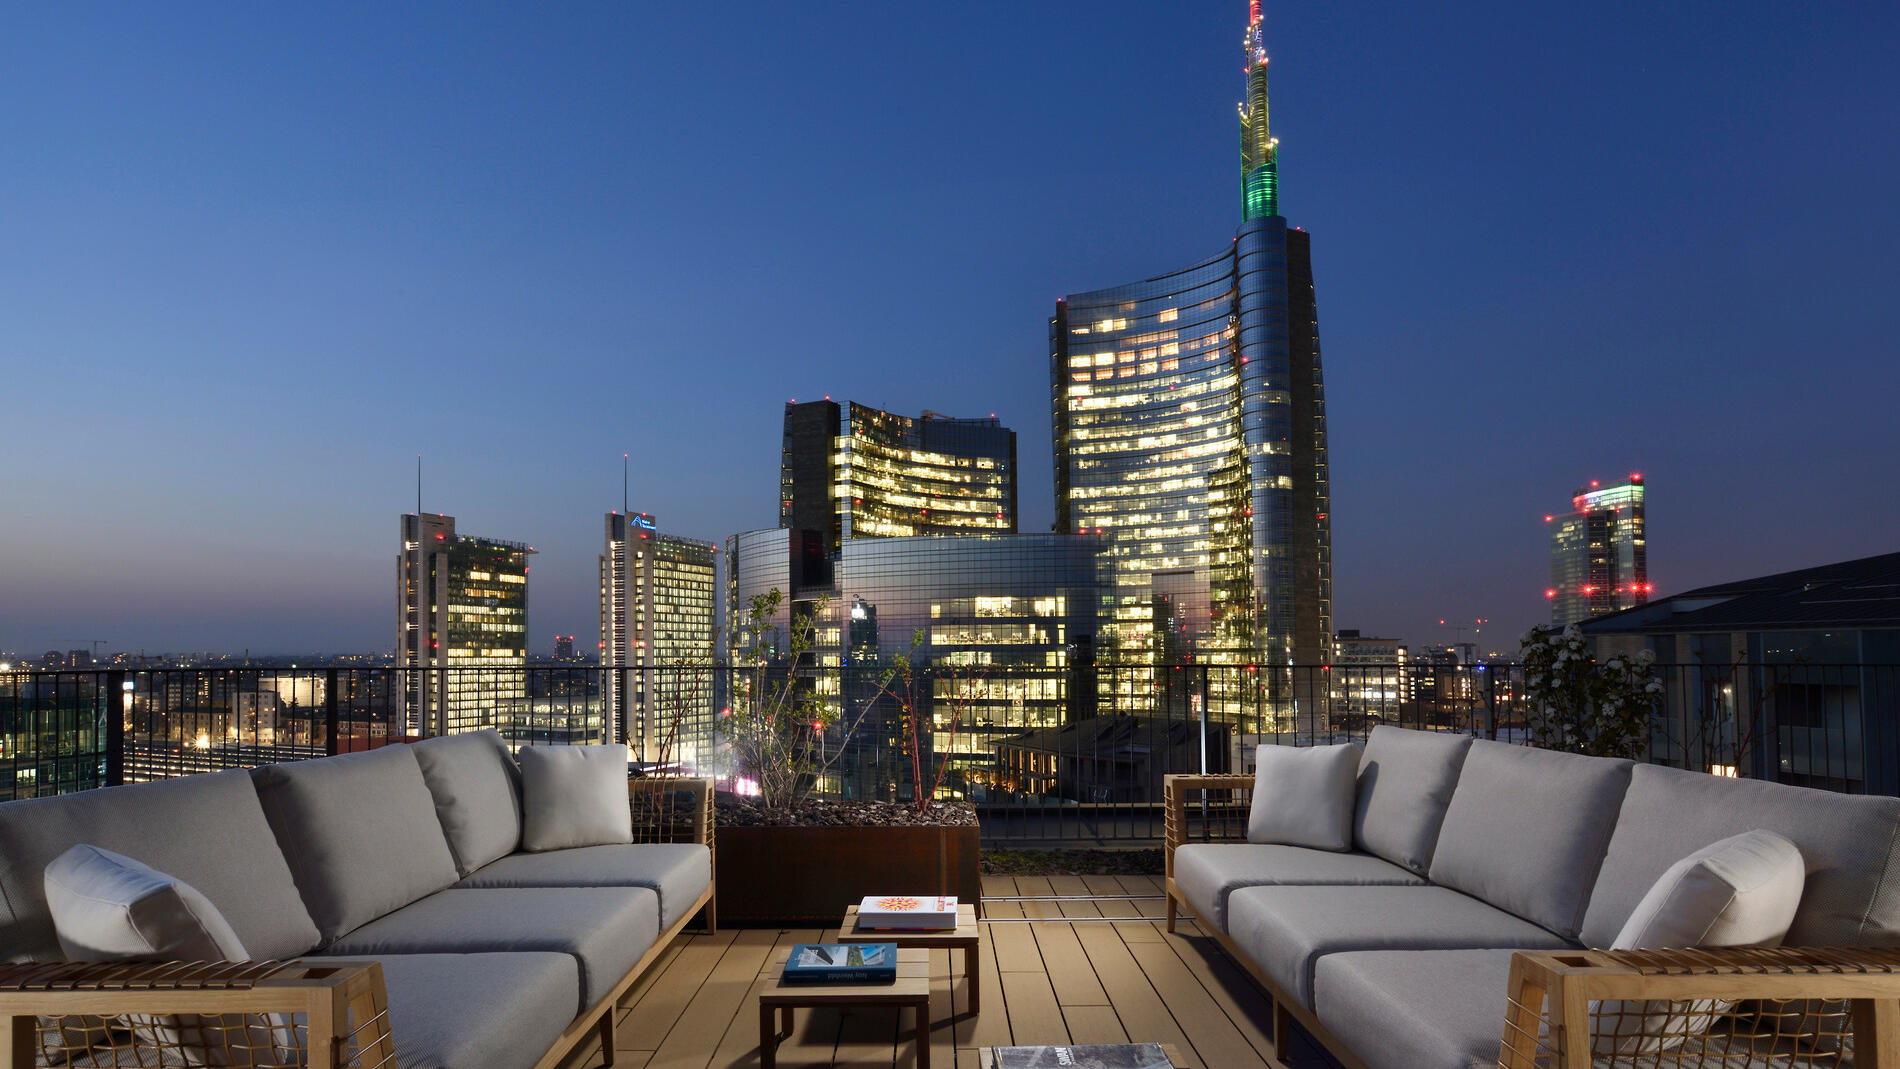 Milano Verticale | Rooftop